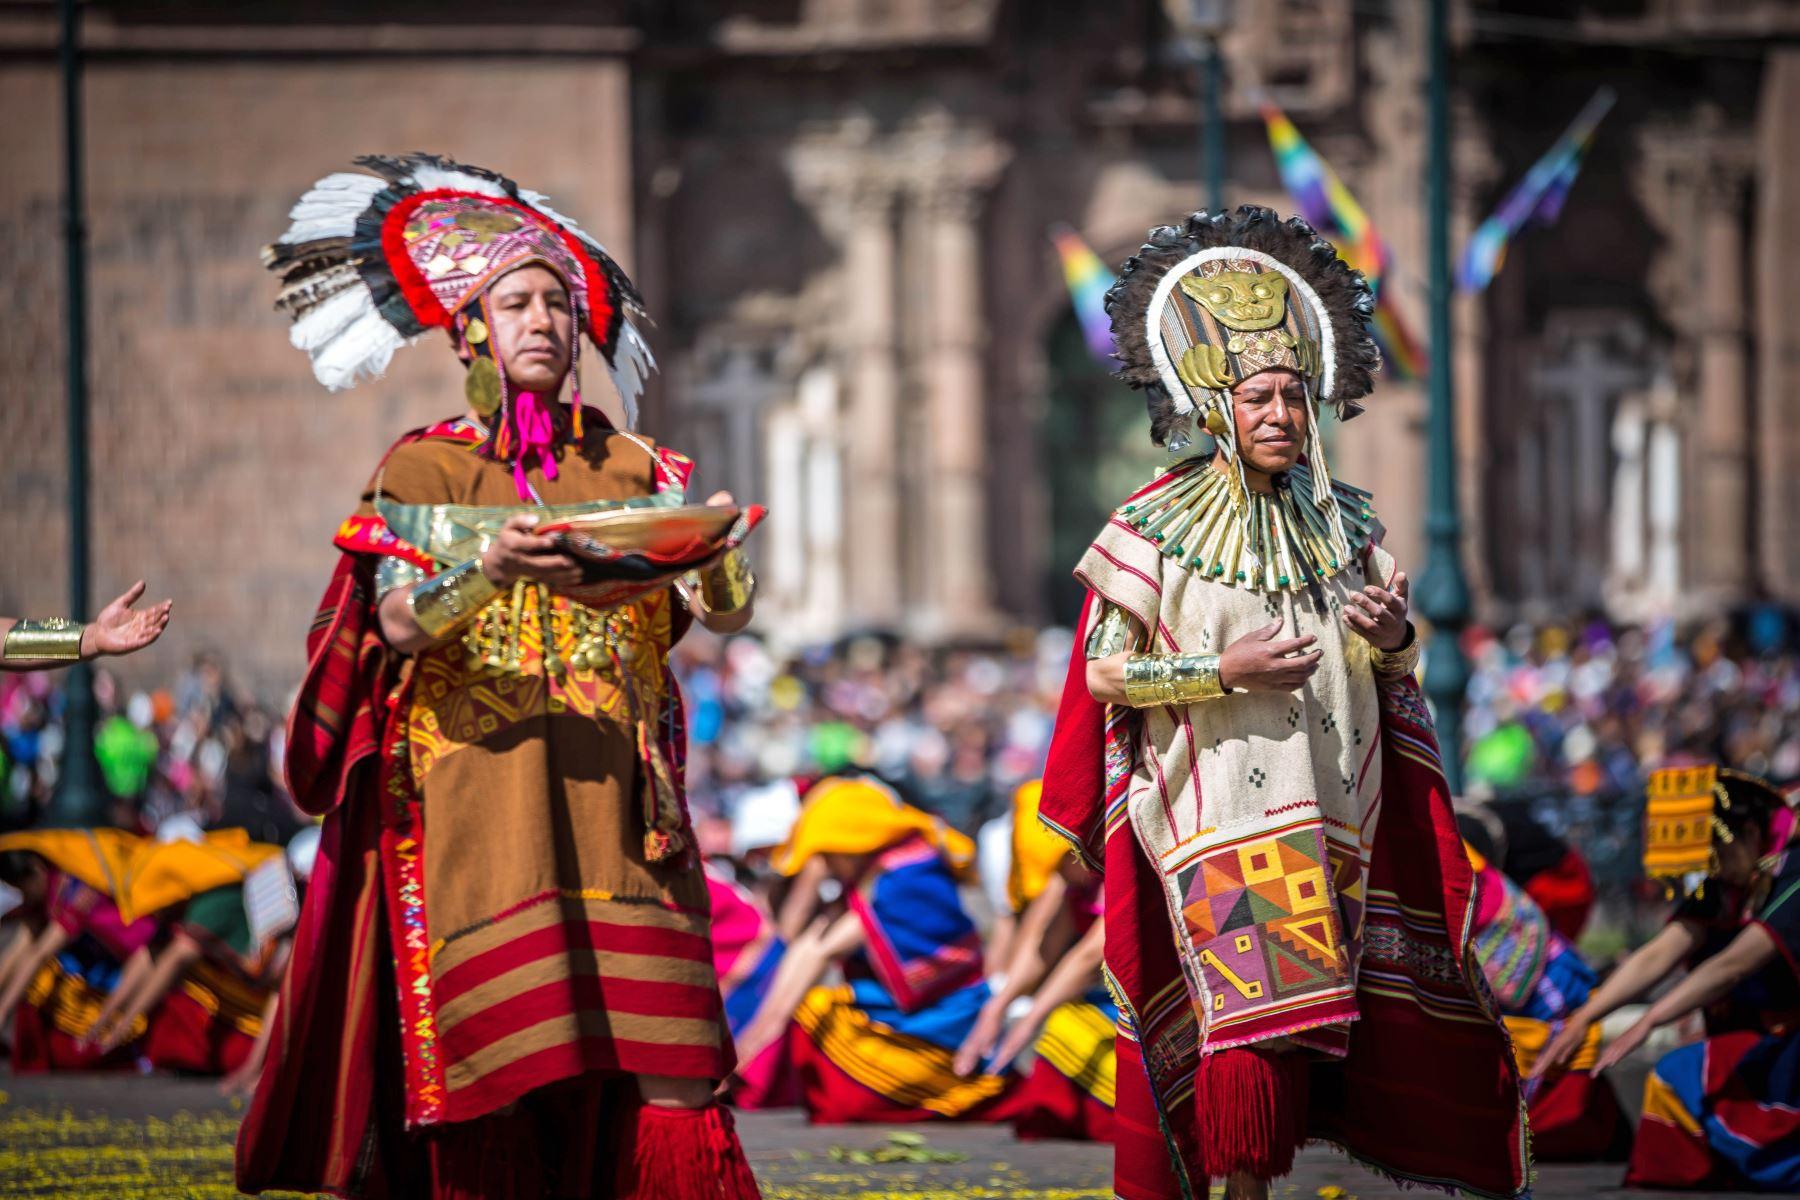 Cuenta la historia que la festividad del Inti Raymi fue instituida por el inca Pachacútec, en el siglo XV. Comenzó como una tradición religioso-cultural, que se celebraba cada solsticio de invierno (21 de junio) en honor al Sol, para que este no se alejara. Seis siglos después, se ha convertido en una ceremonia de interés turístico y cultural. Foto: ANDINA/EMUFEC